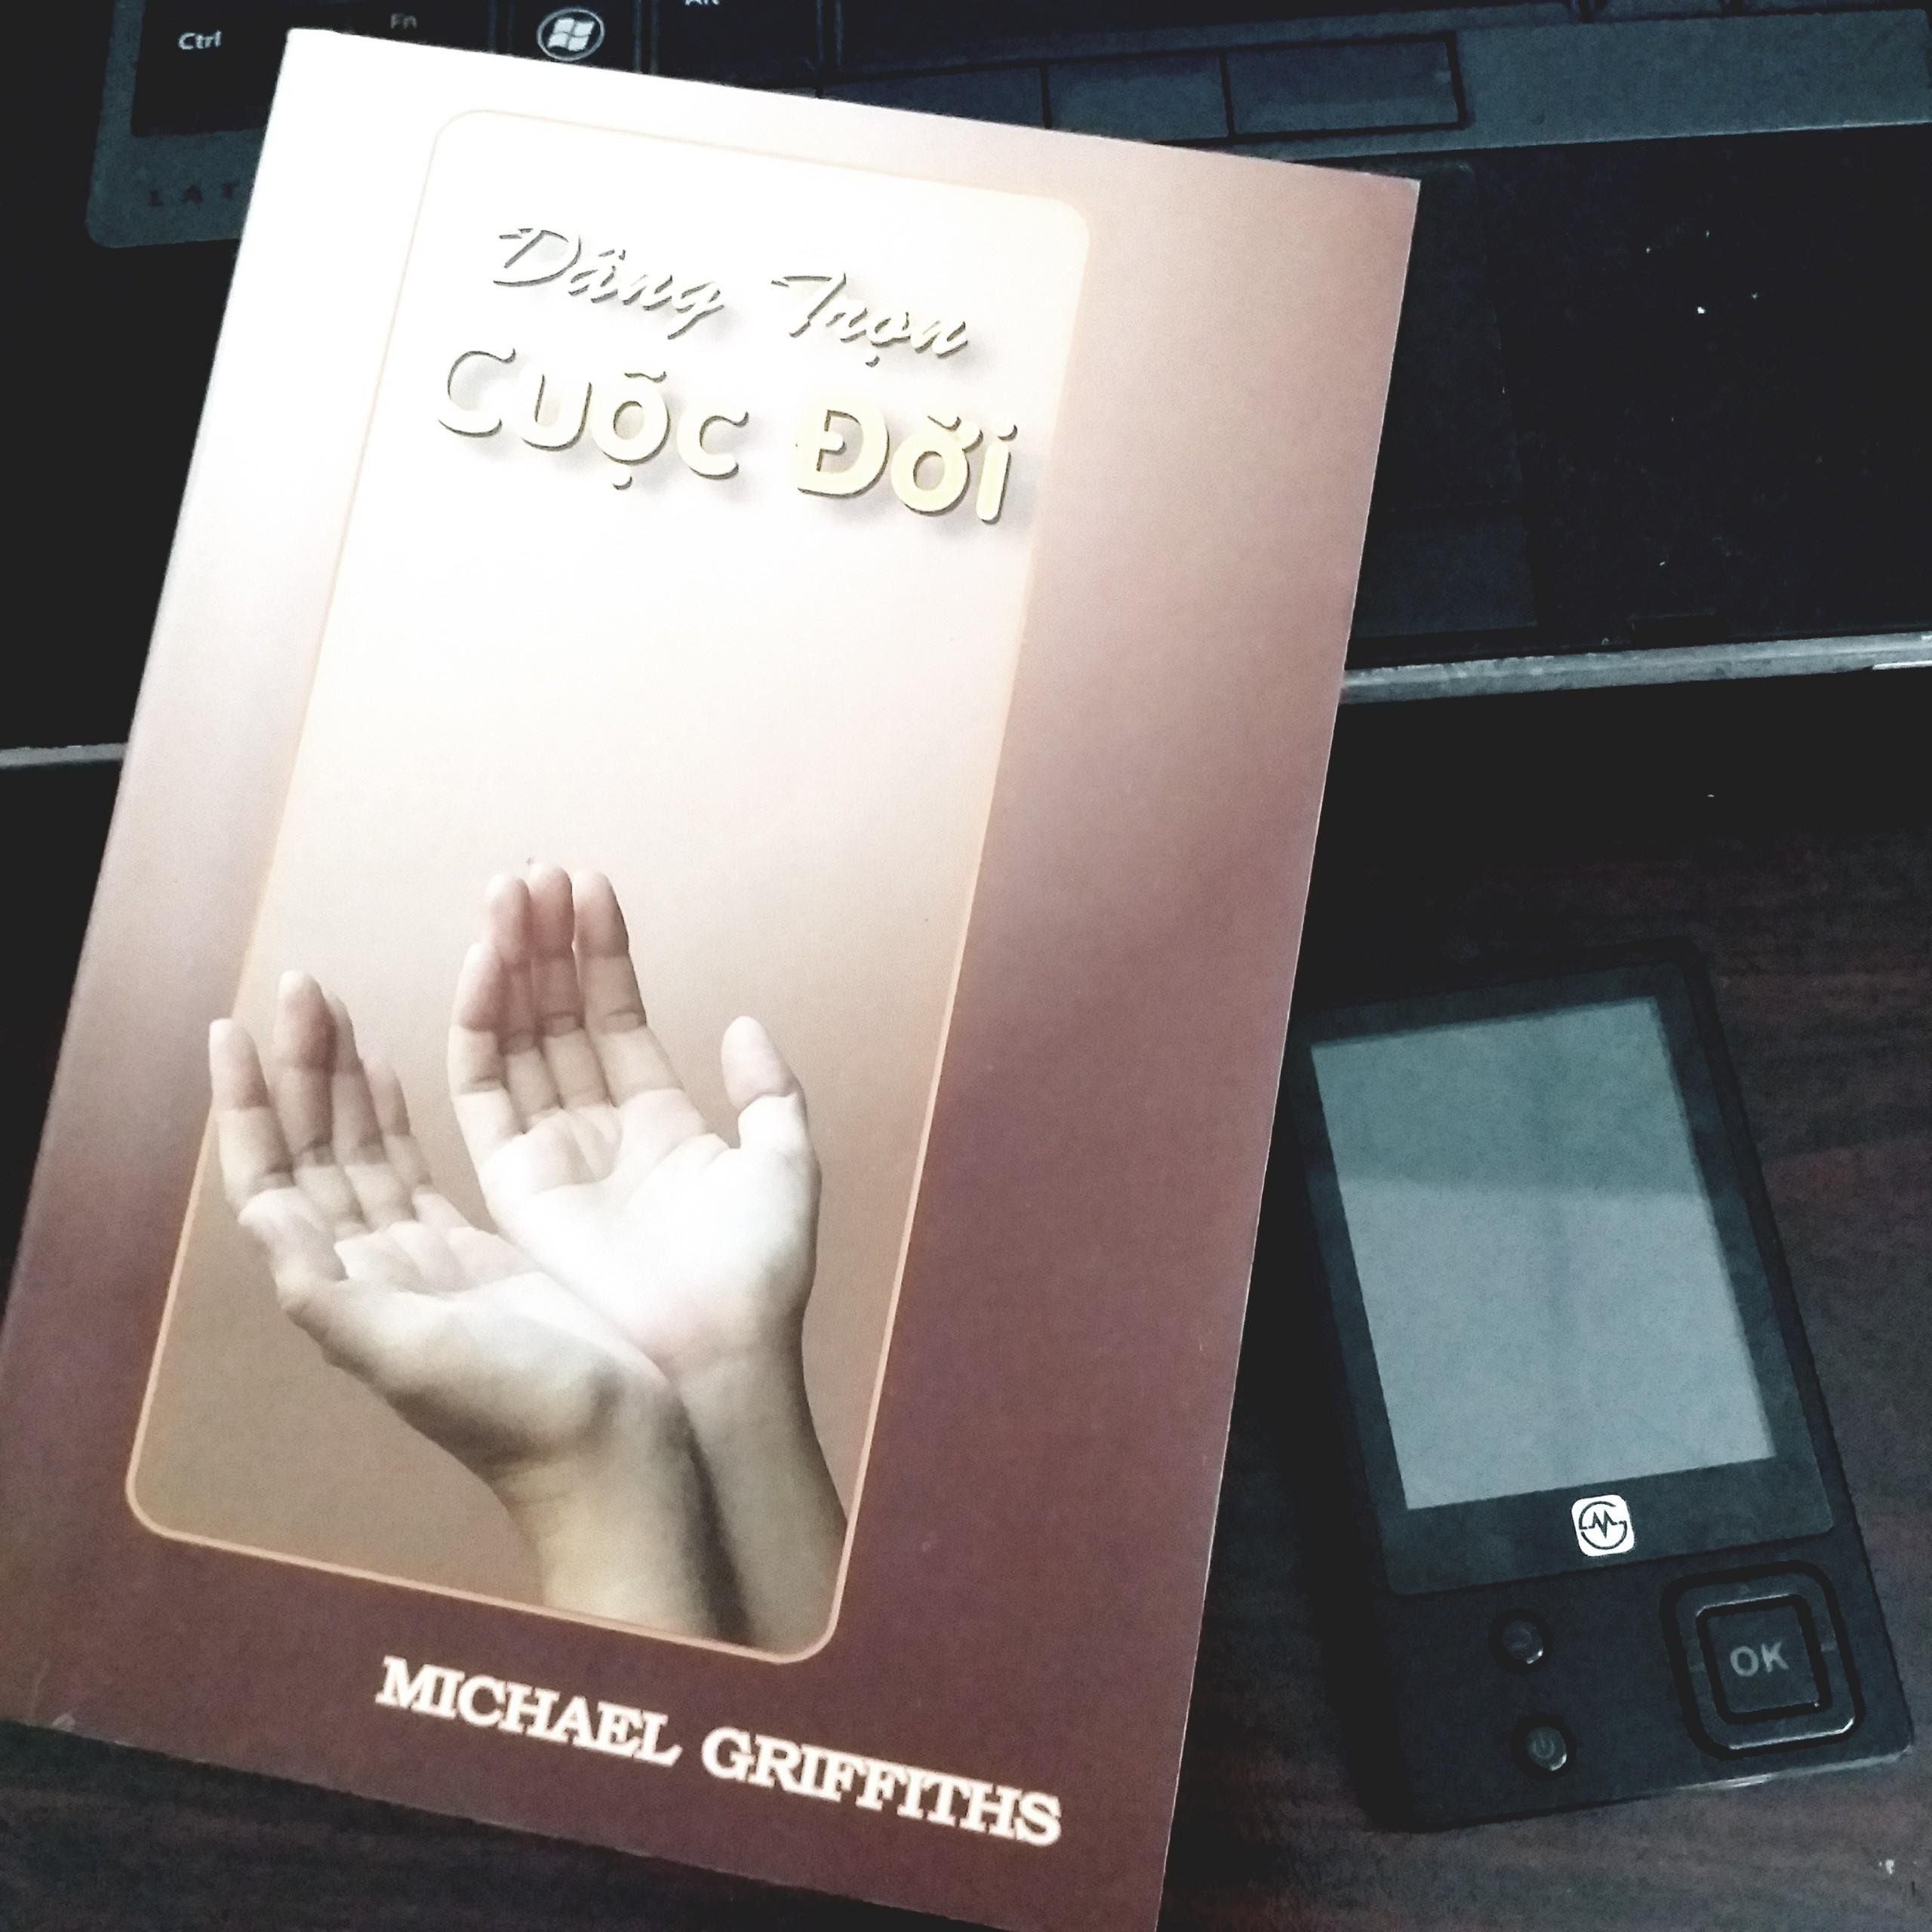 UBCDGD giới thiệu sách: DÂNG TRỌN CUỘC ĐỜI - MICHAEL GRIFFITHS